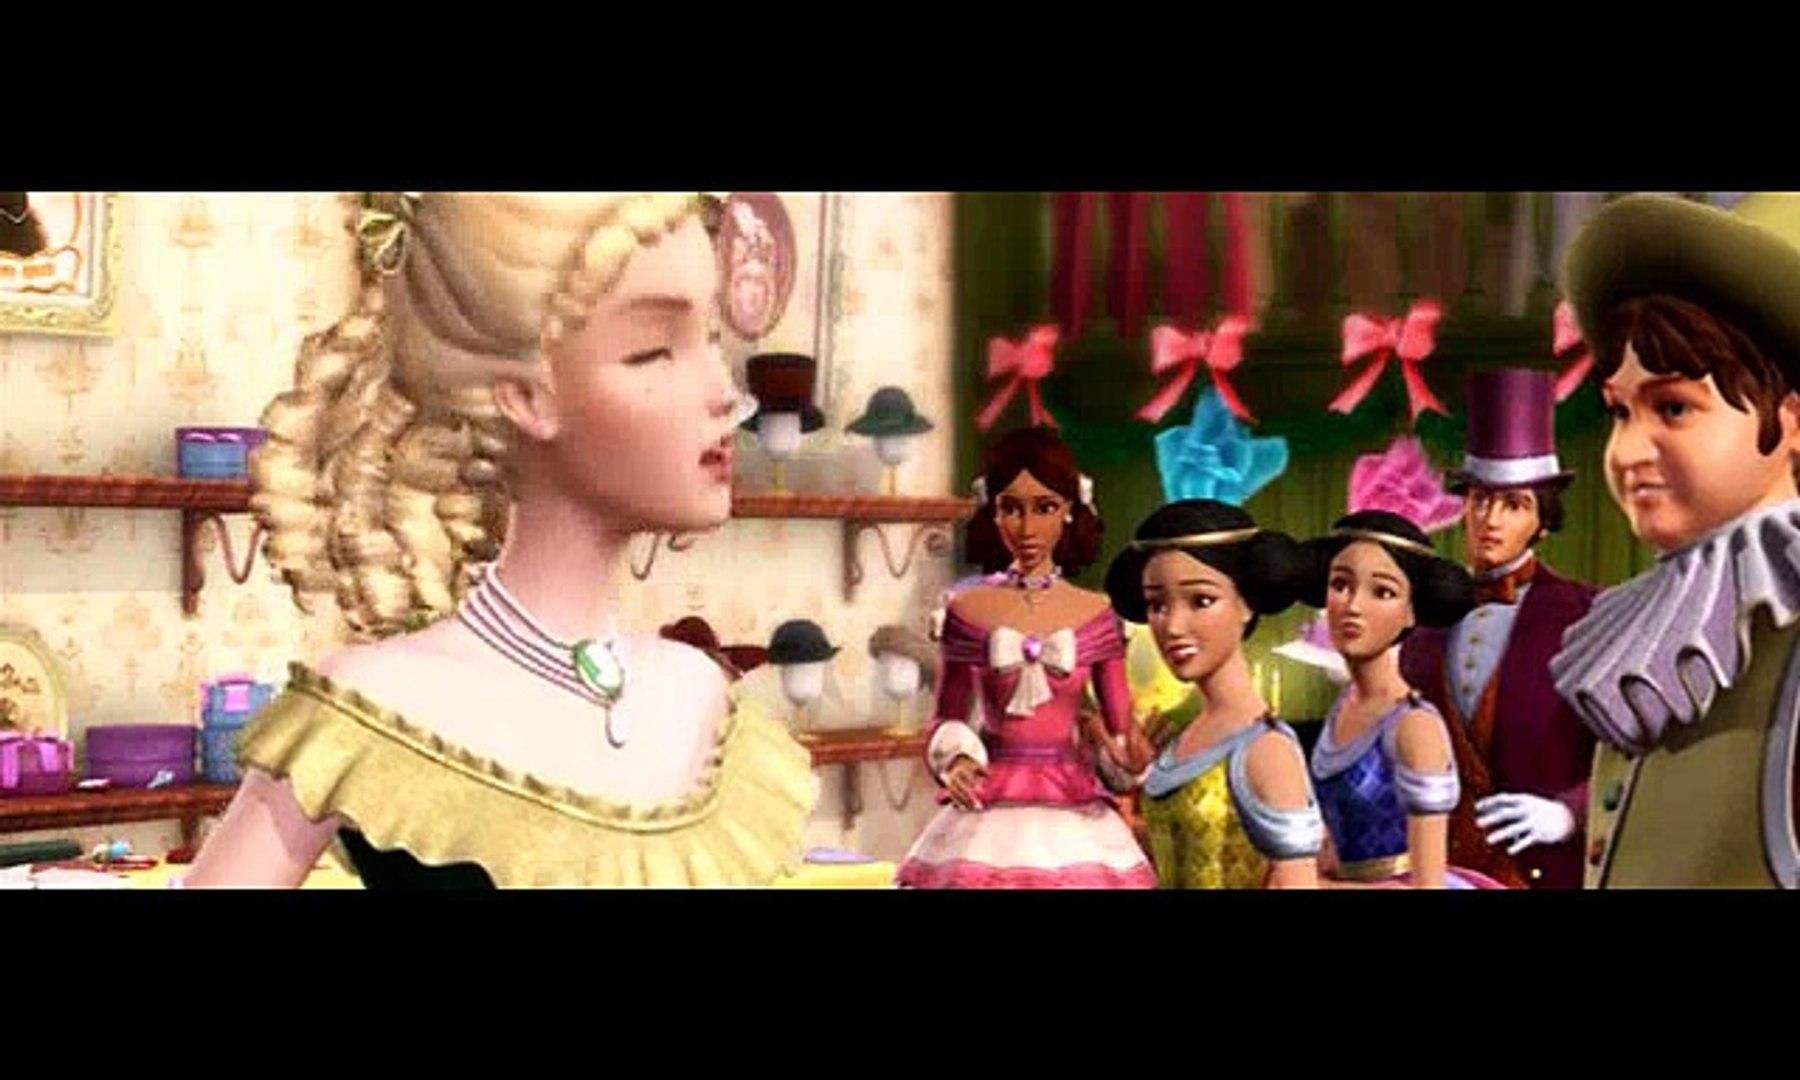 outlet boutique a few days away many fashionable Barbie Et La Magie De Noël (2008) Part 1